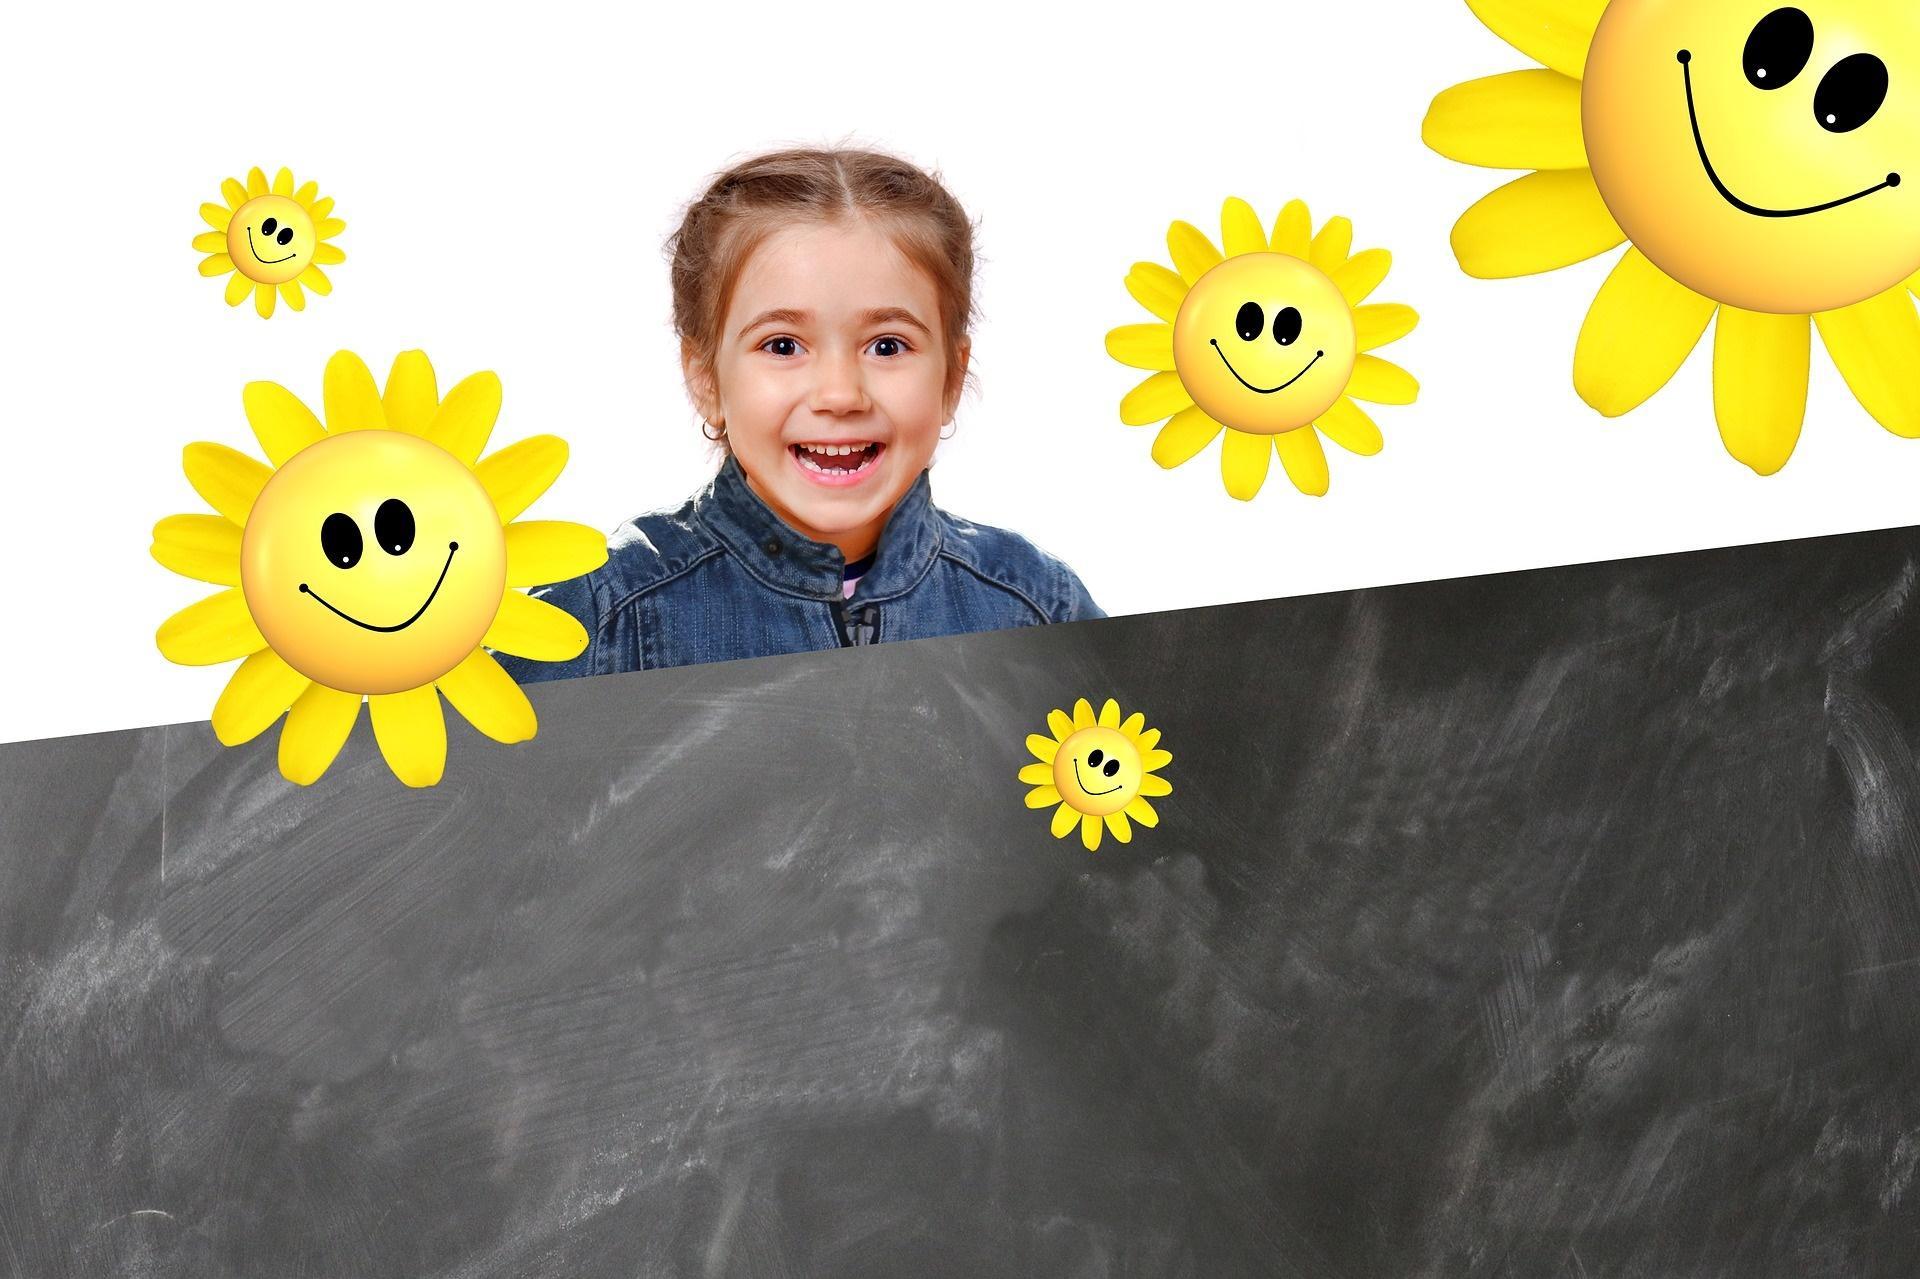 Kind mit Tafel